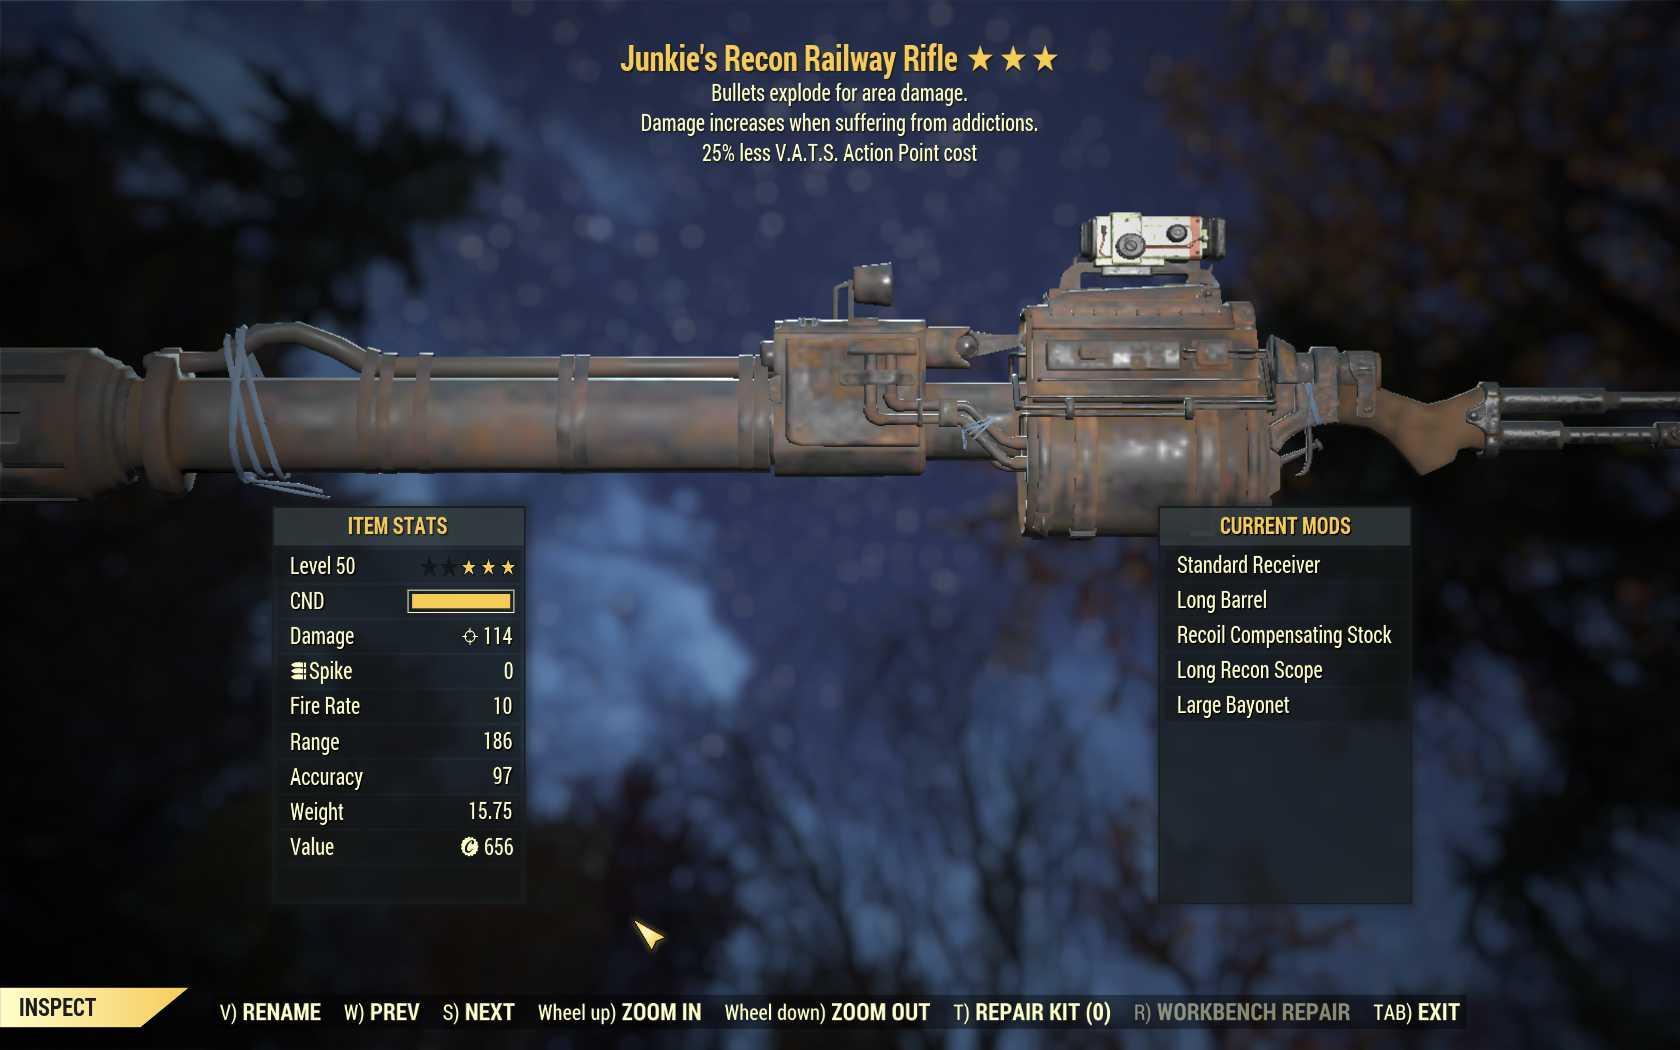 Junkie's Explosive Railway (25% less VATS AP cost)